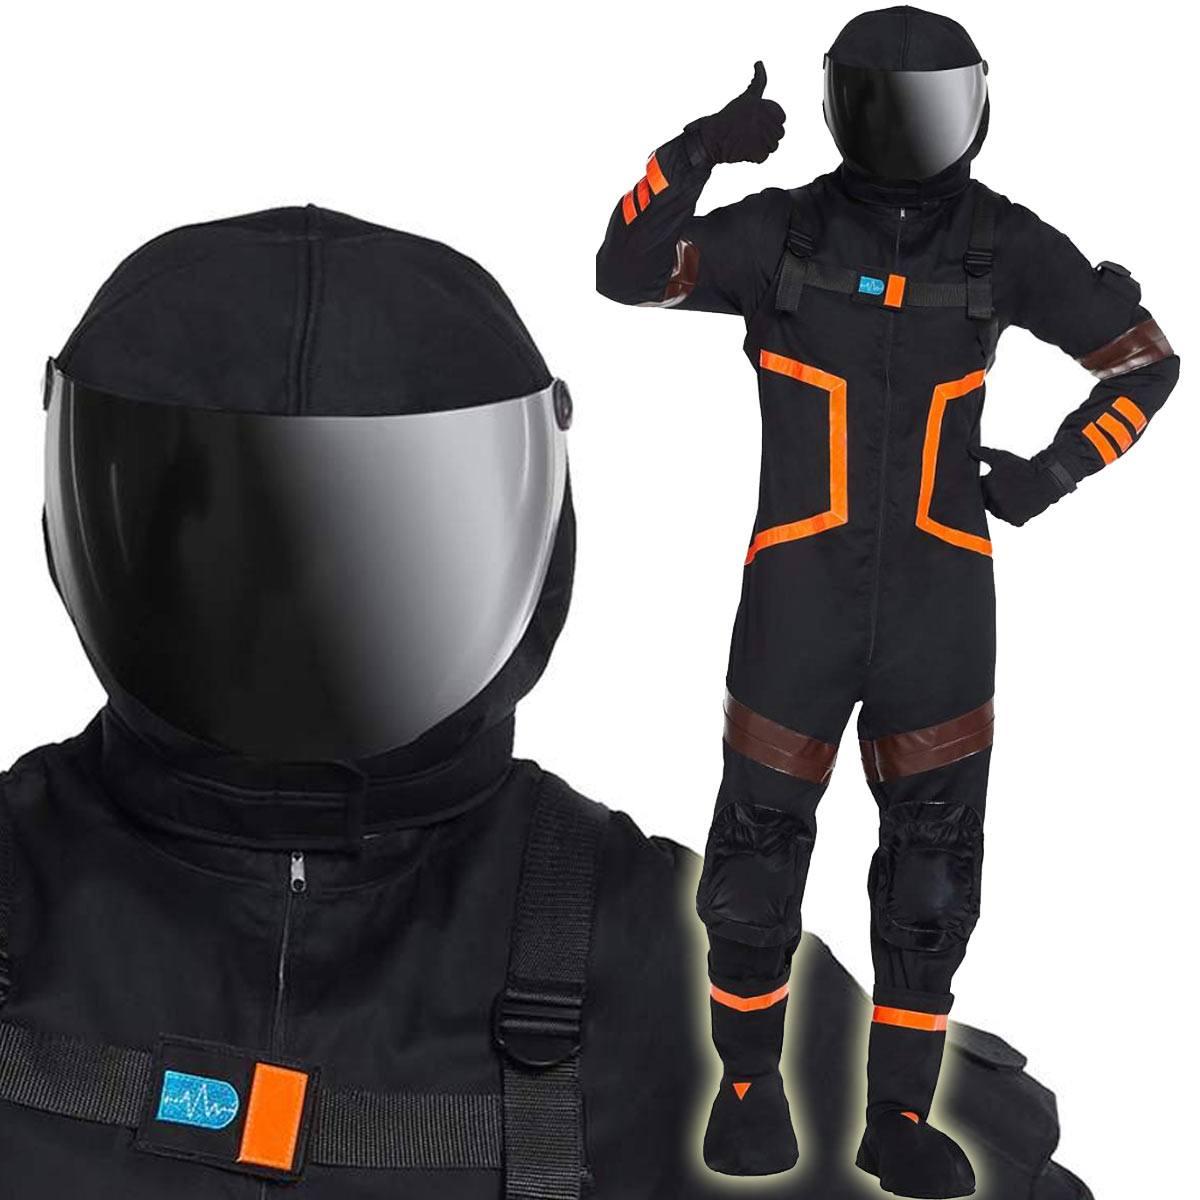 フォートナイト コスプレ ダークボイジャー 大人用 コスチューム 服 グッズ スキン 公式 Fortnite